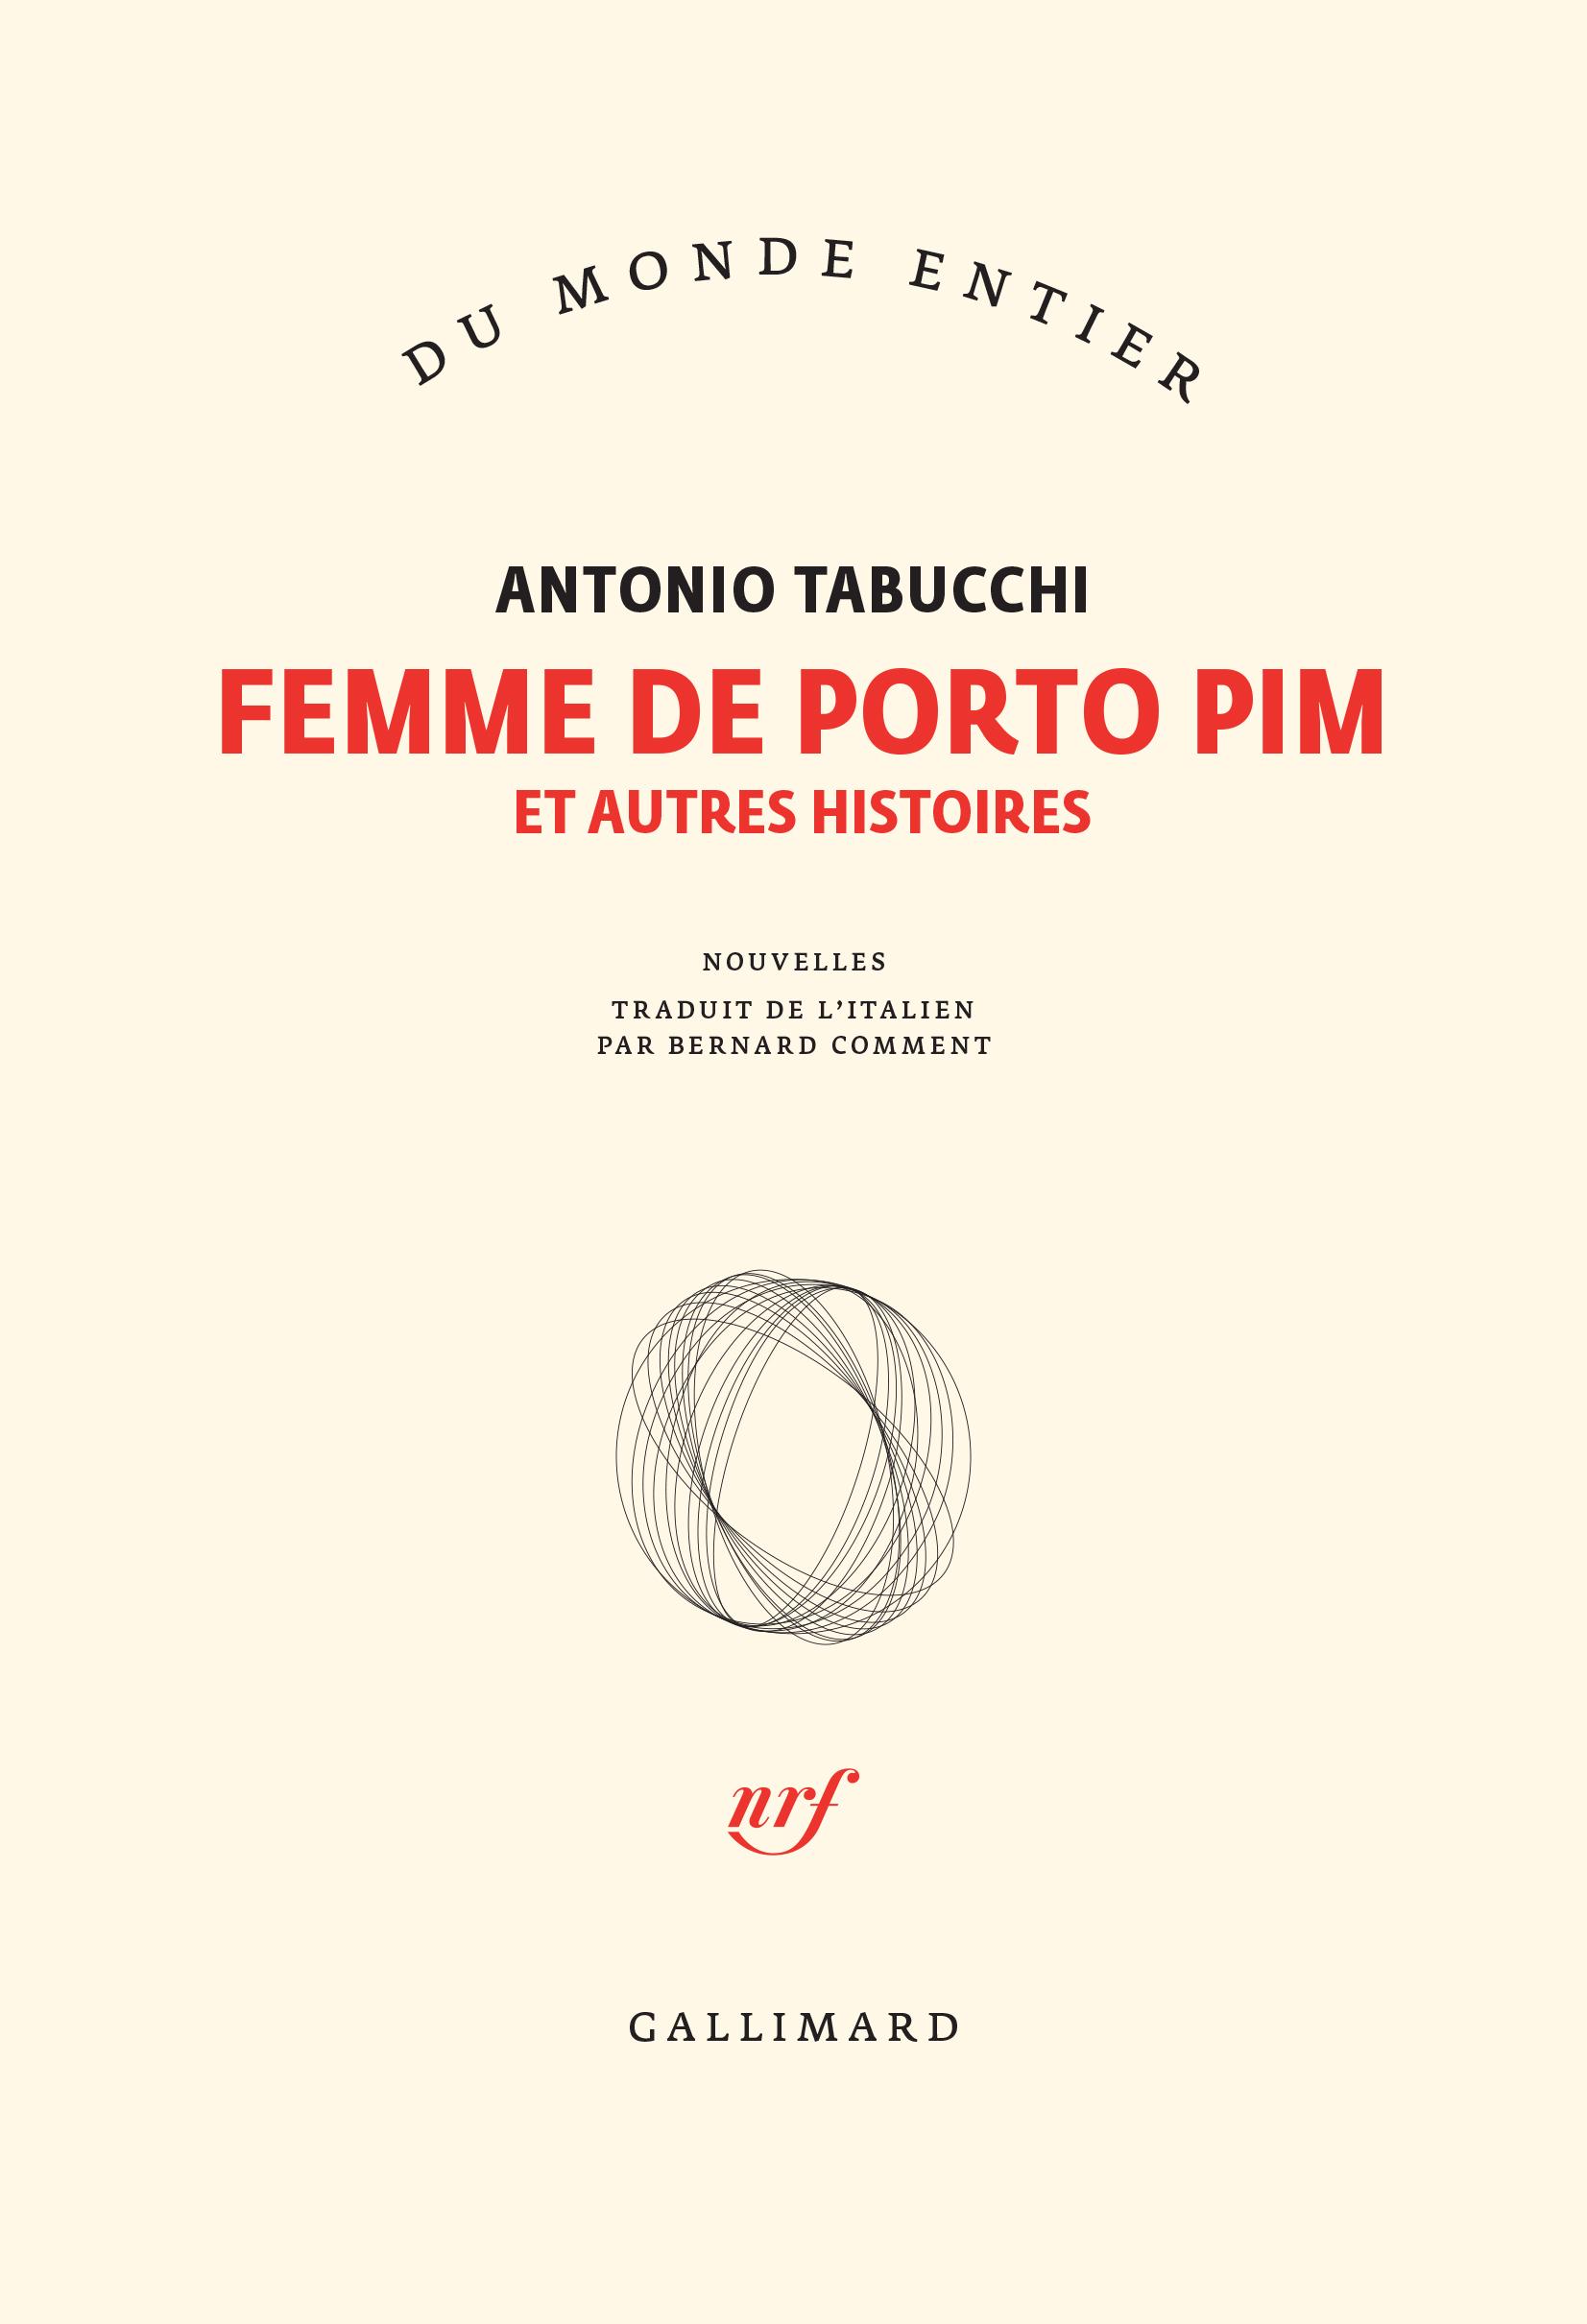 FEMME DE PORTO PIM ET AUTRES HISTOIRES